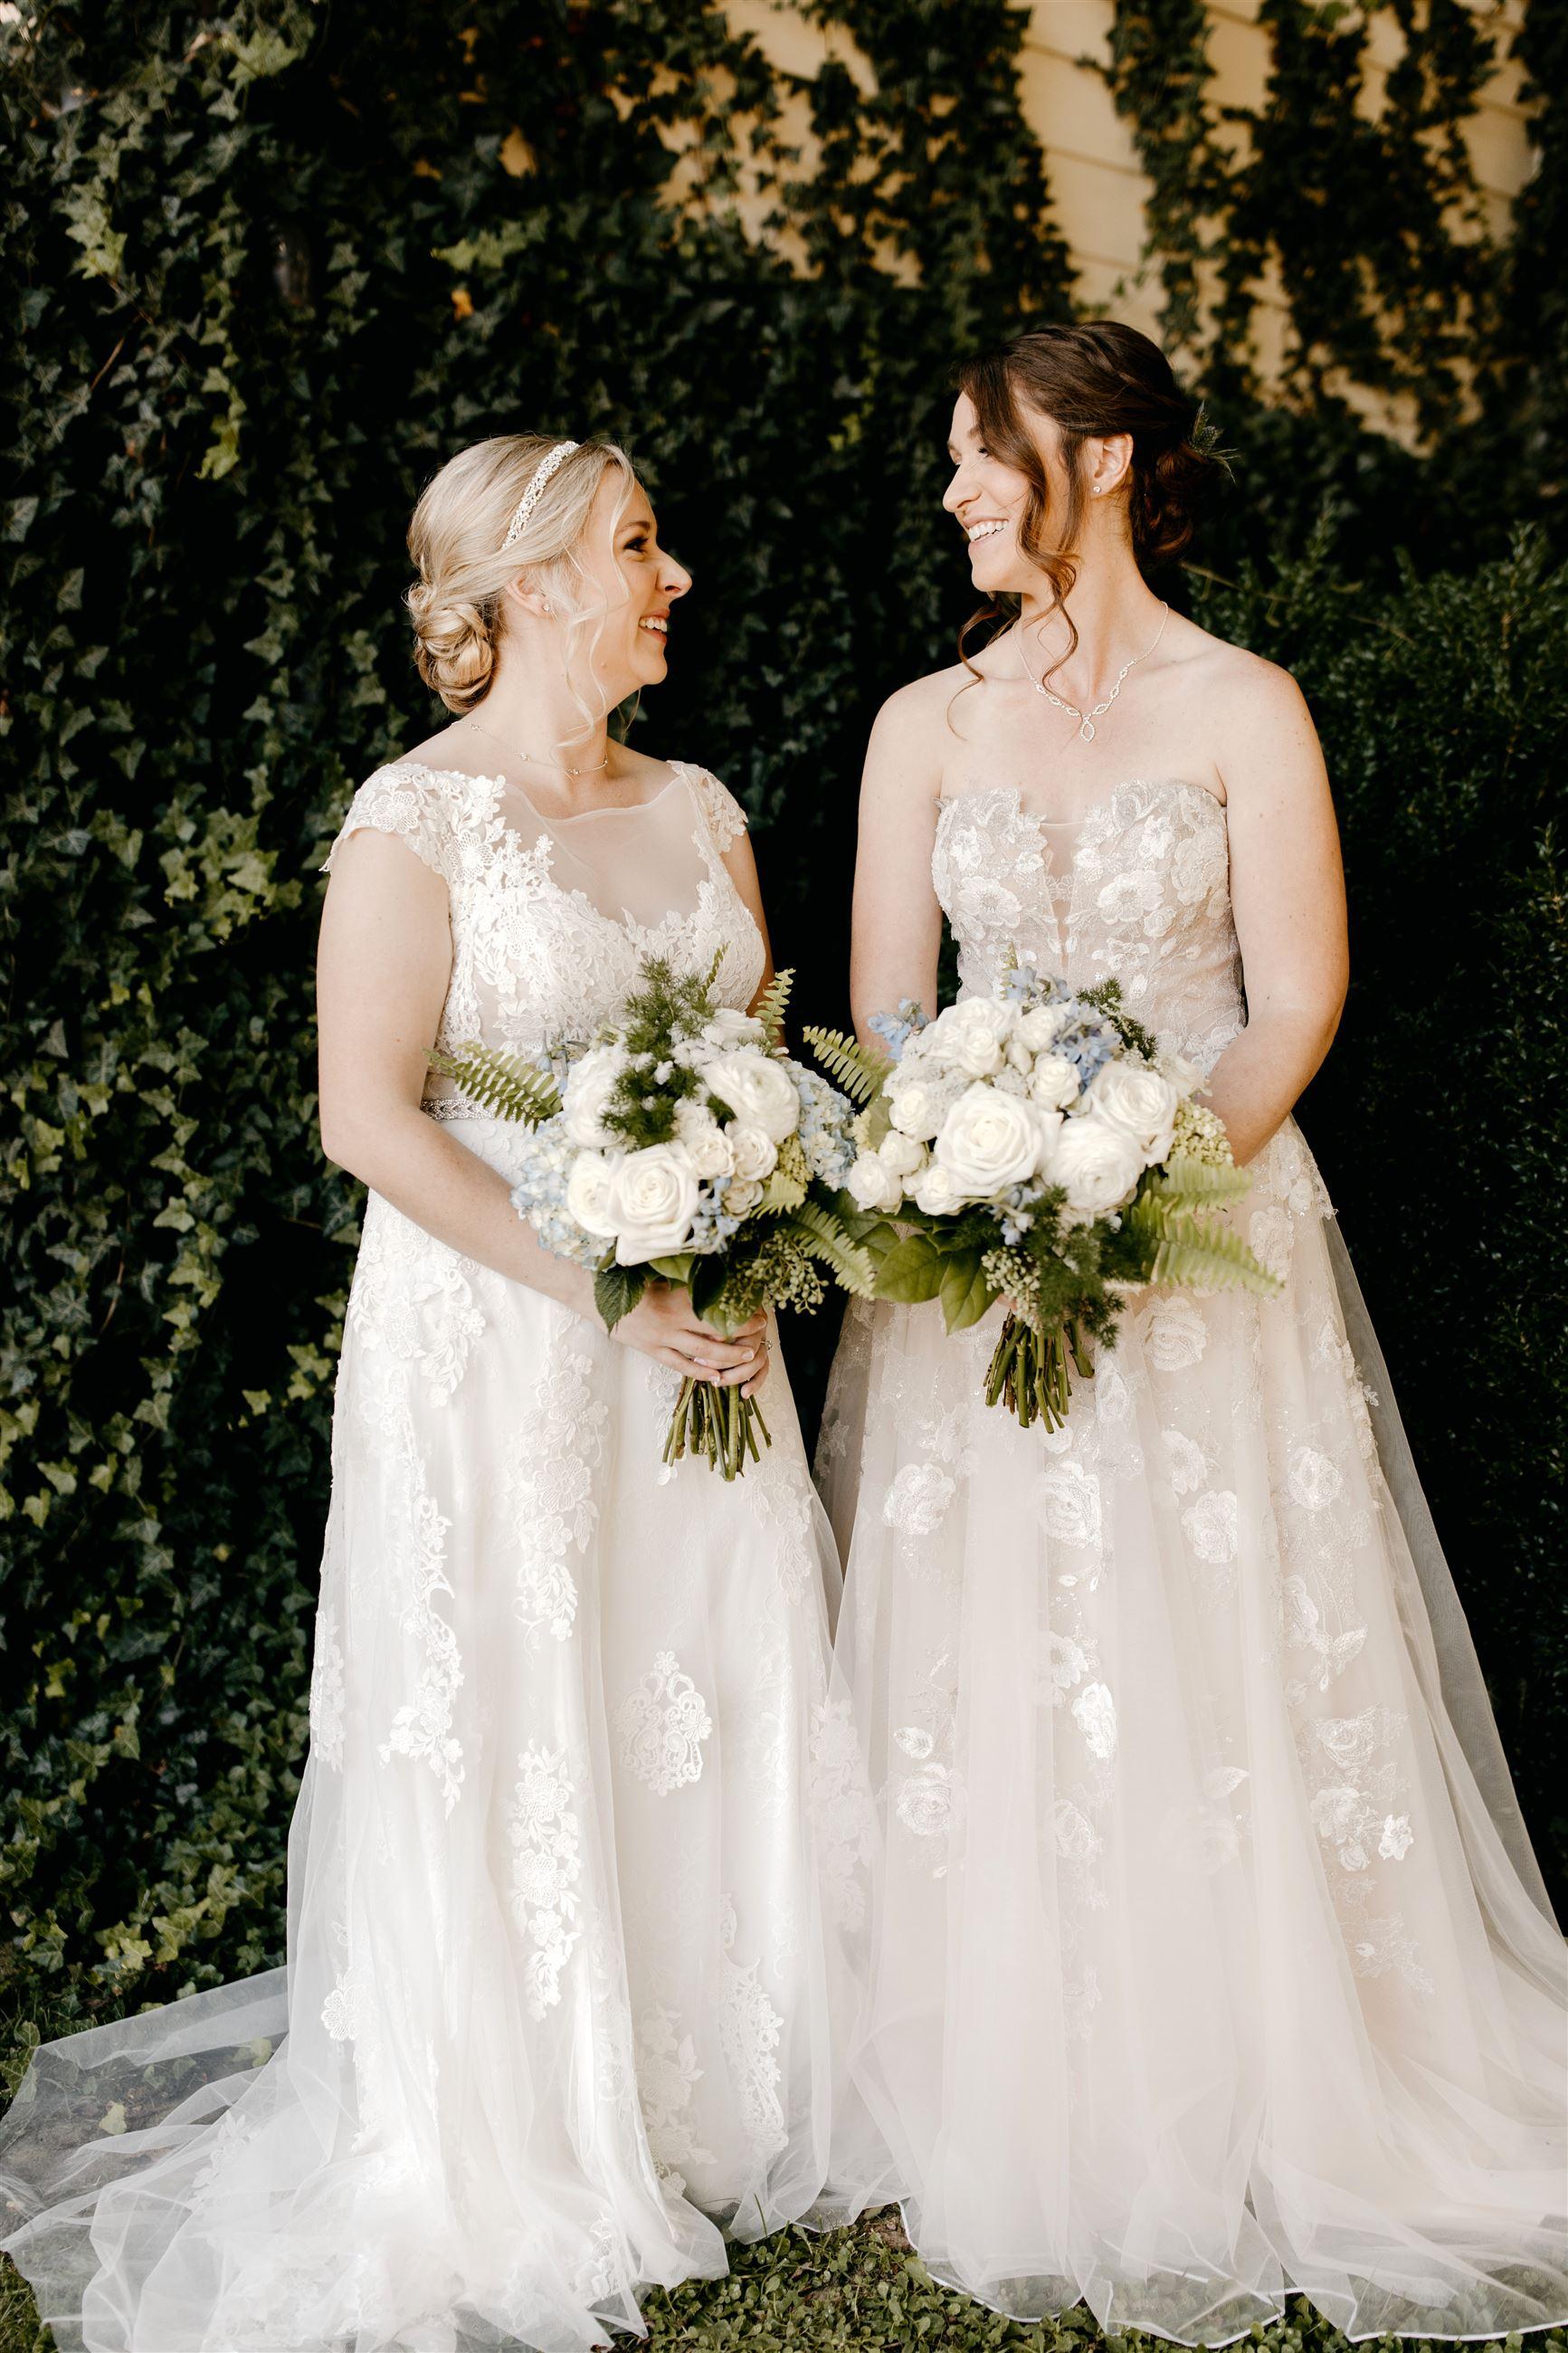 Same Sex Brides in Justin Alexander Gowns